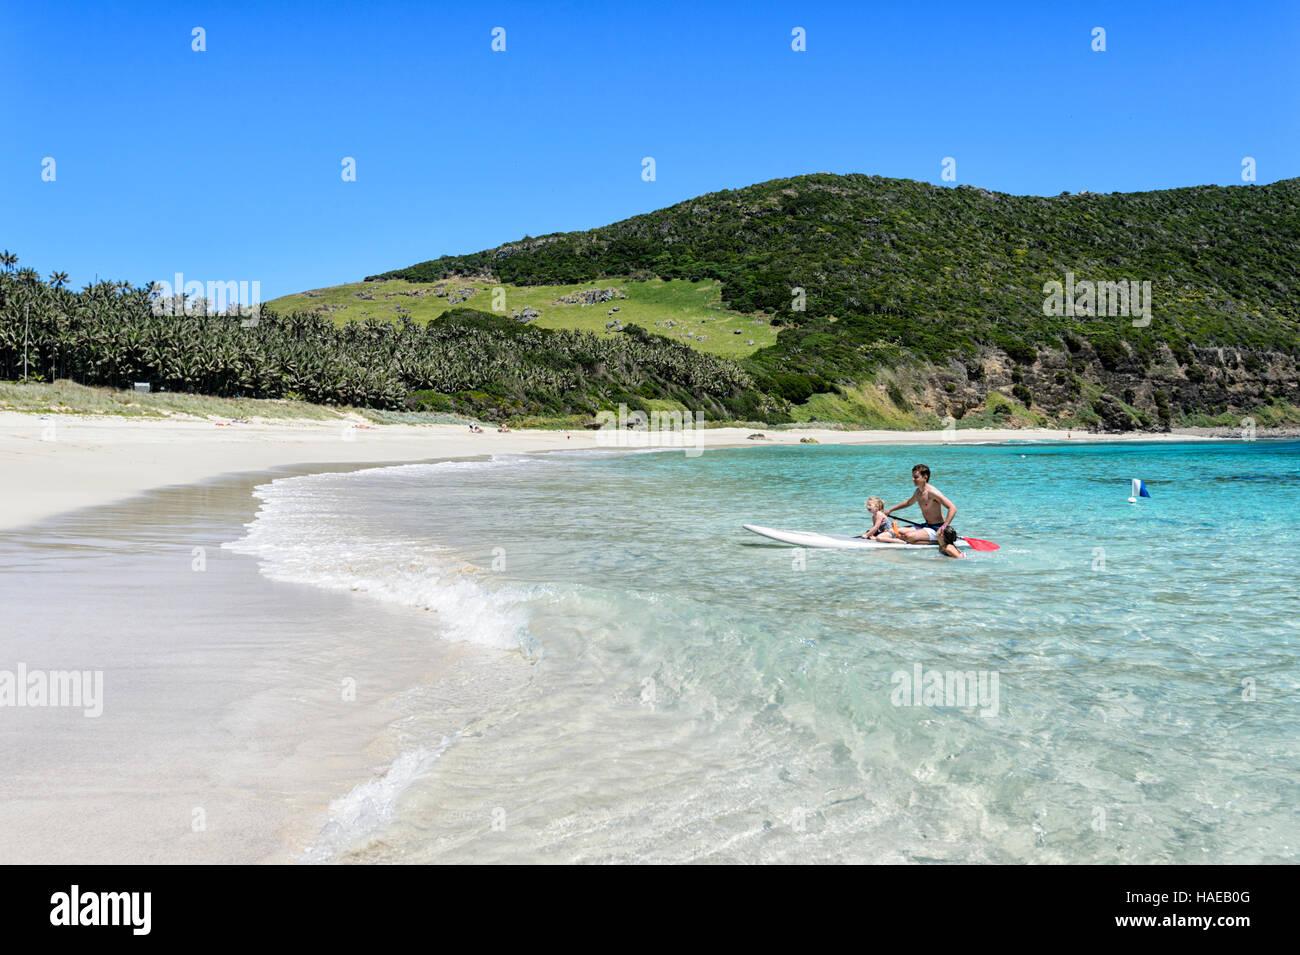 Joven y dos niñas paddleboarding en Ned's Beach, Isla de Lord Howe, Nueva Gales del Sur (NSW, Australia Imagen De Stock